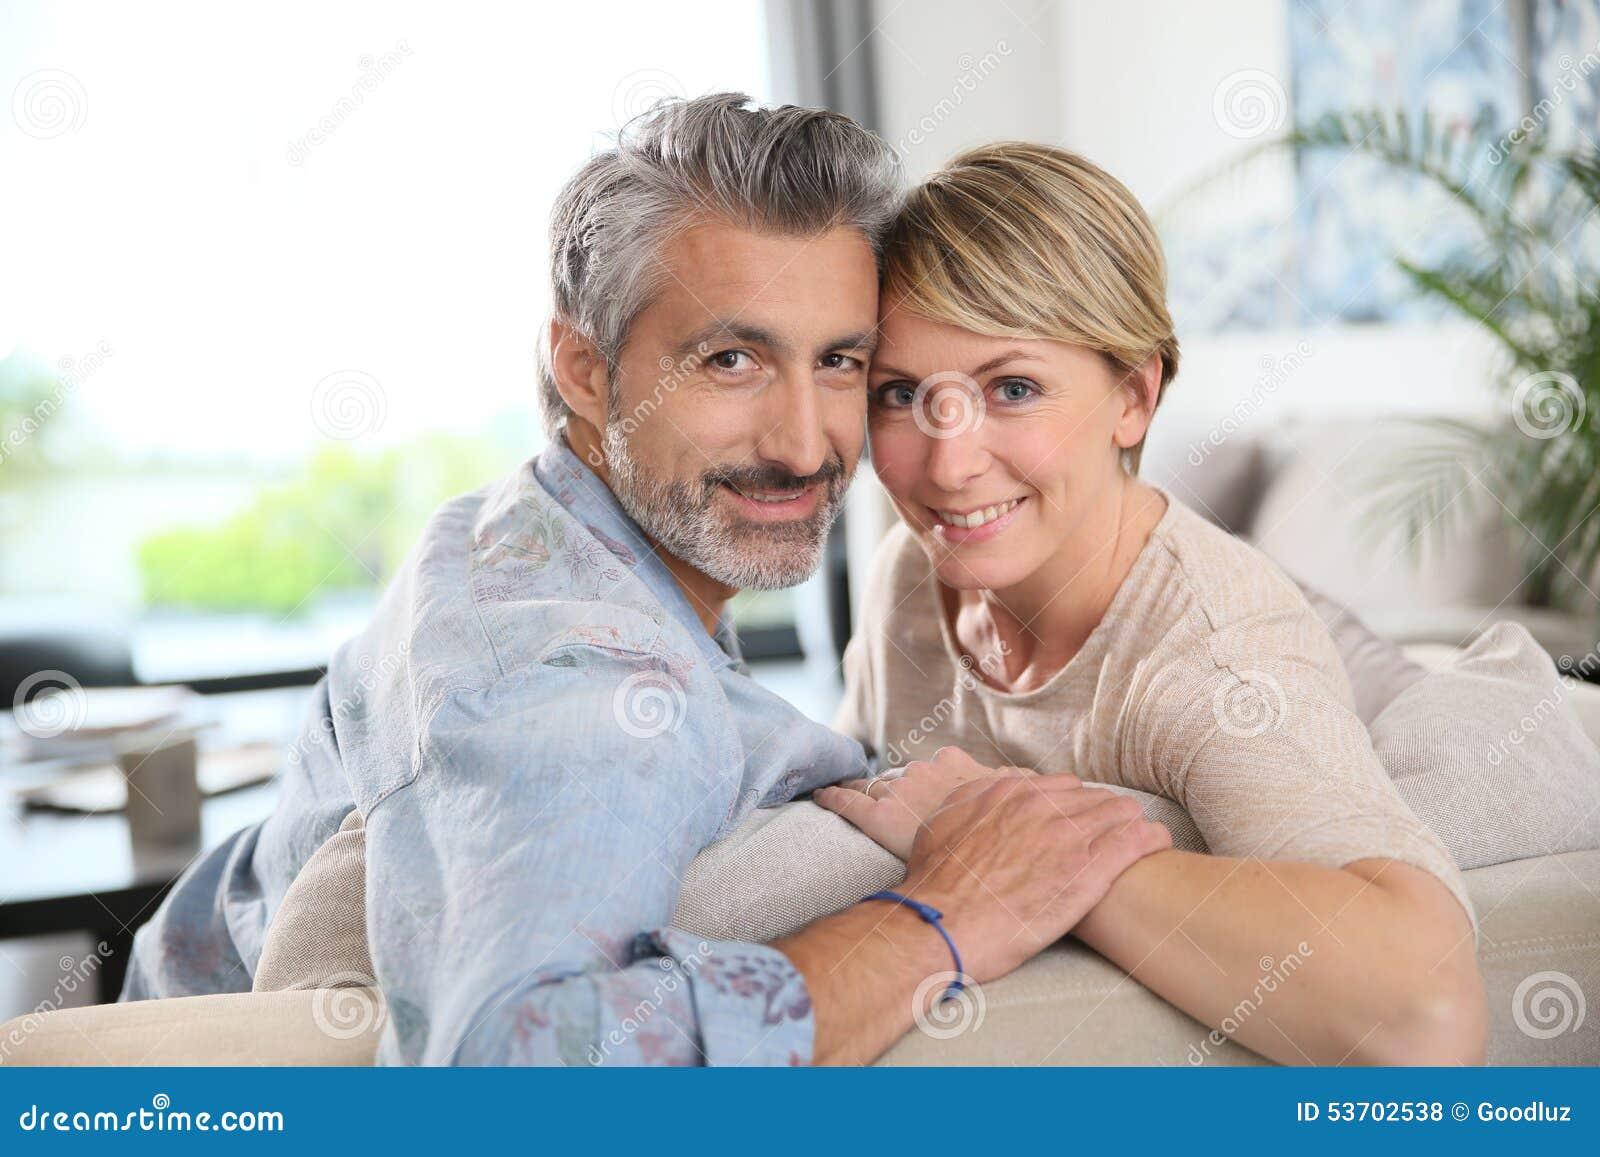 dating website voor middelbare leeftijd aansluiten CO2 tank vat